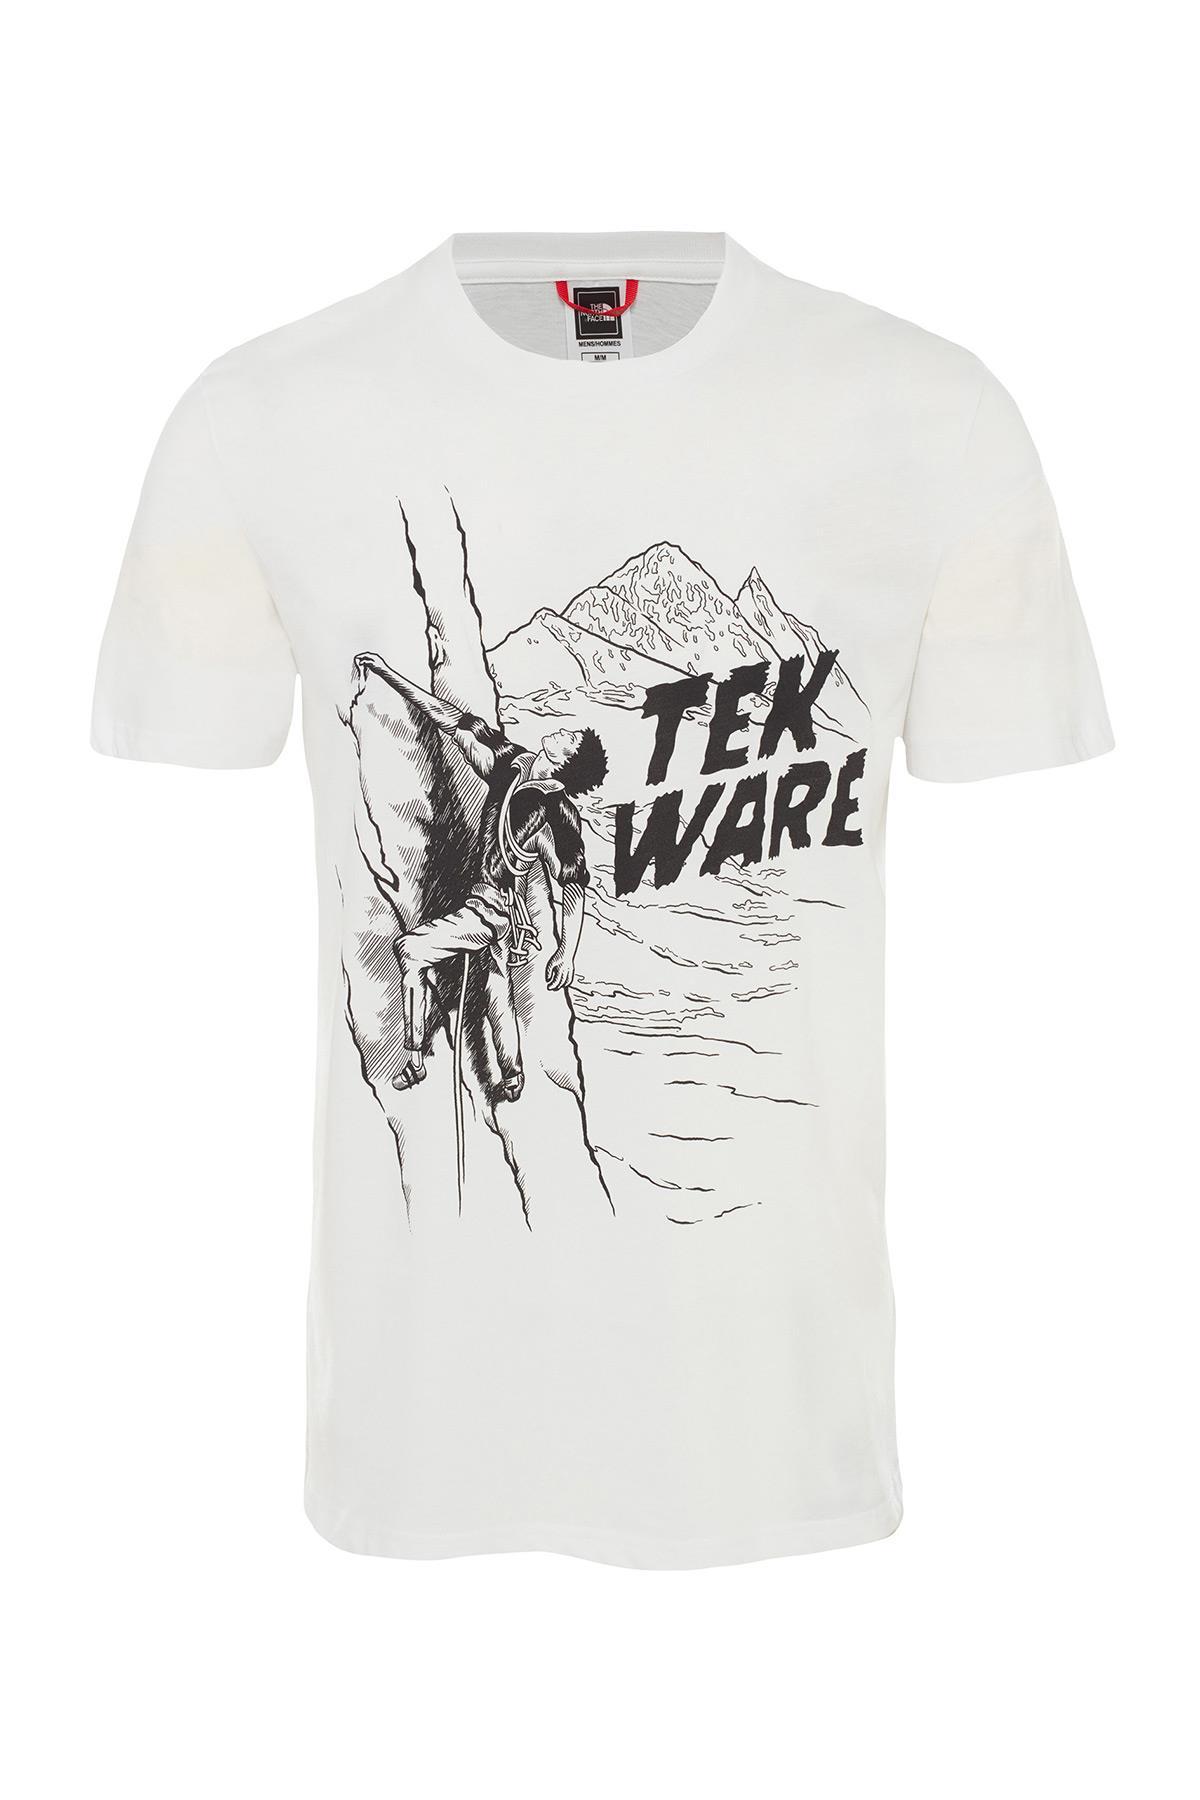 The Northface Erkek S/S Reissue Tee-Eu T93Bqplg5 Tişört